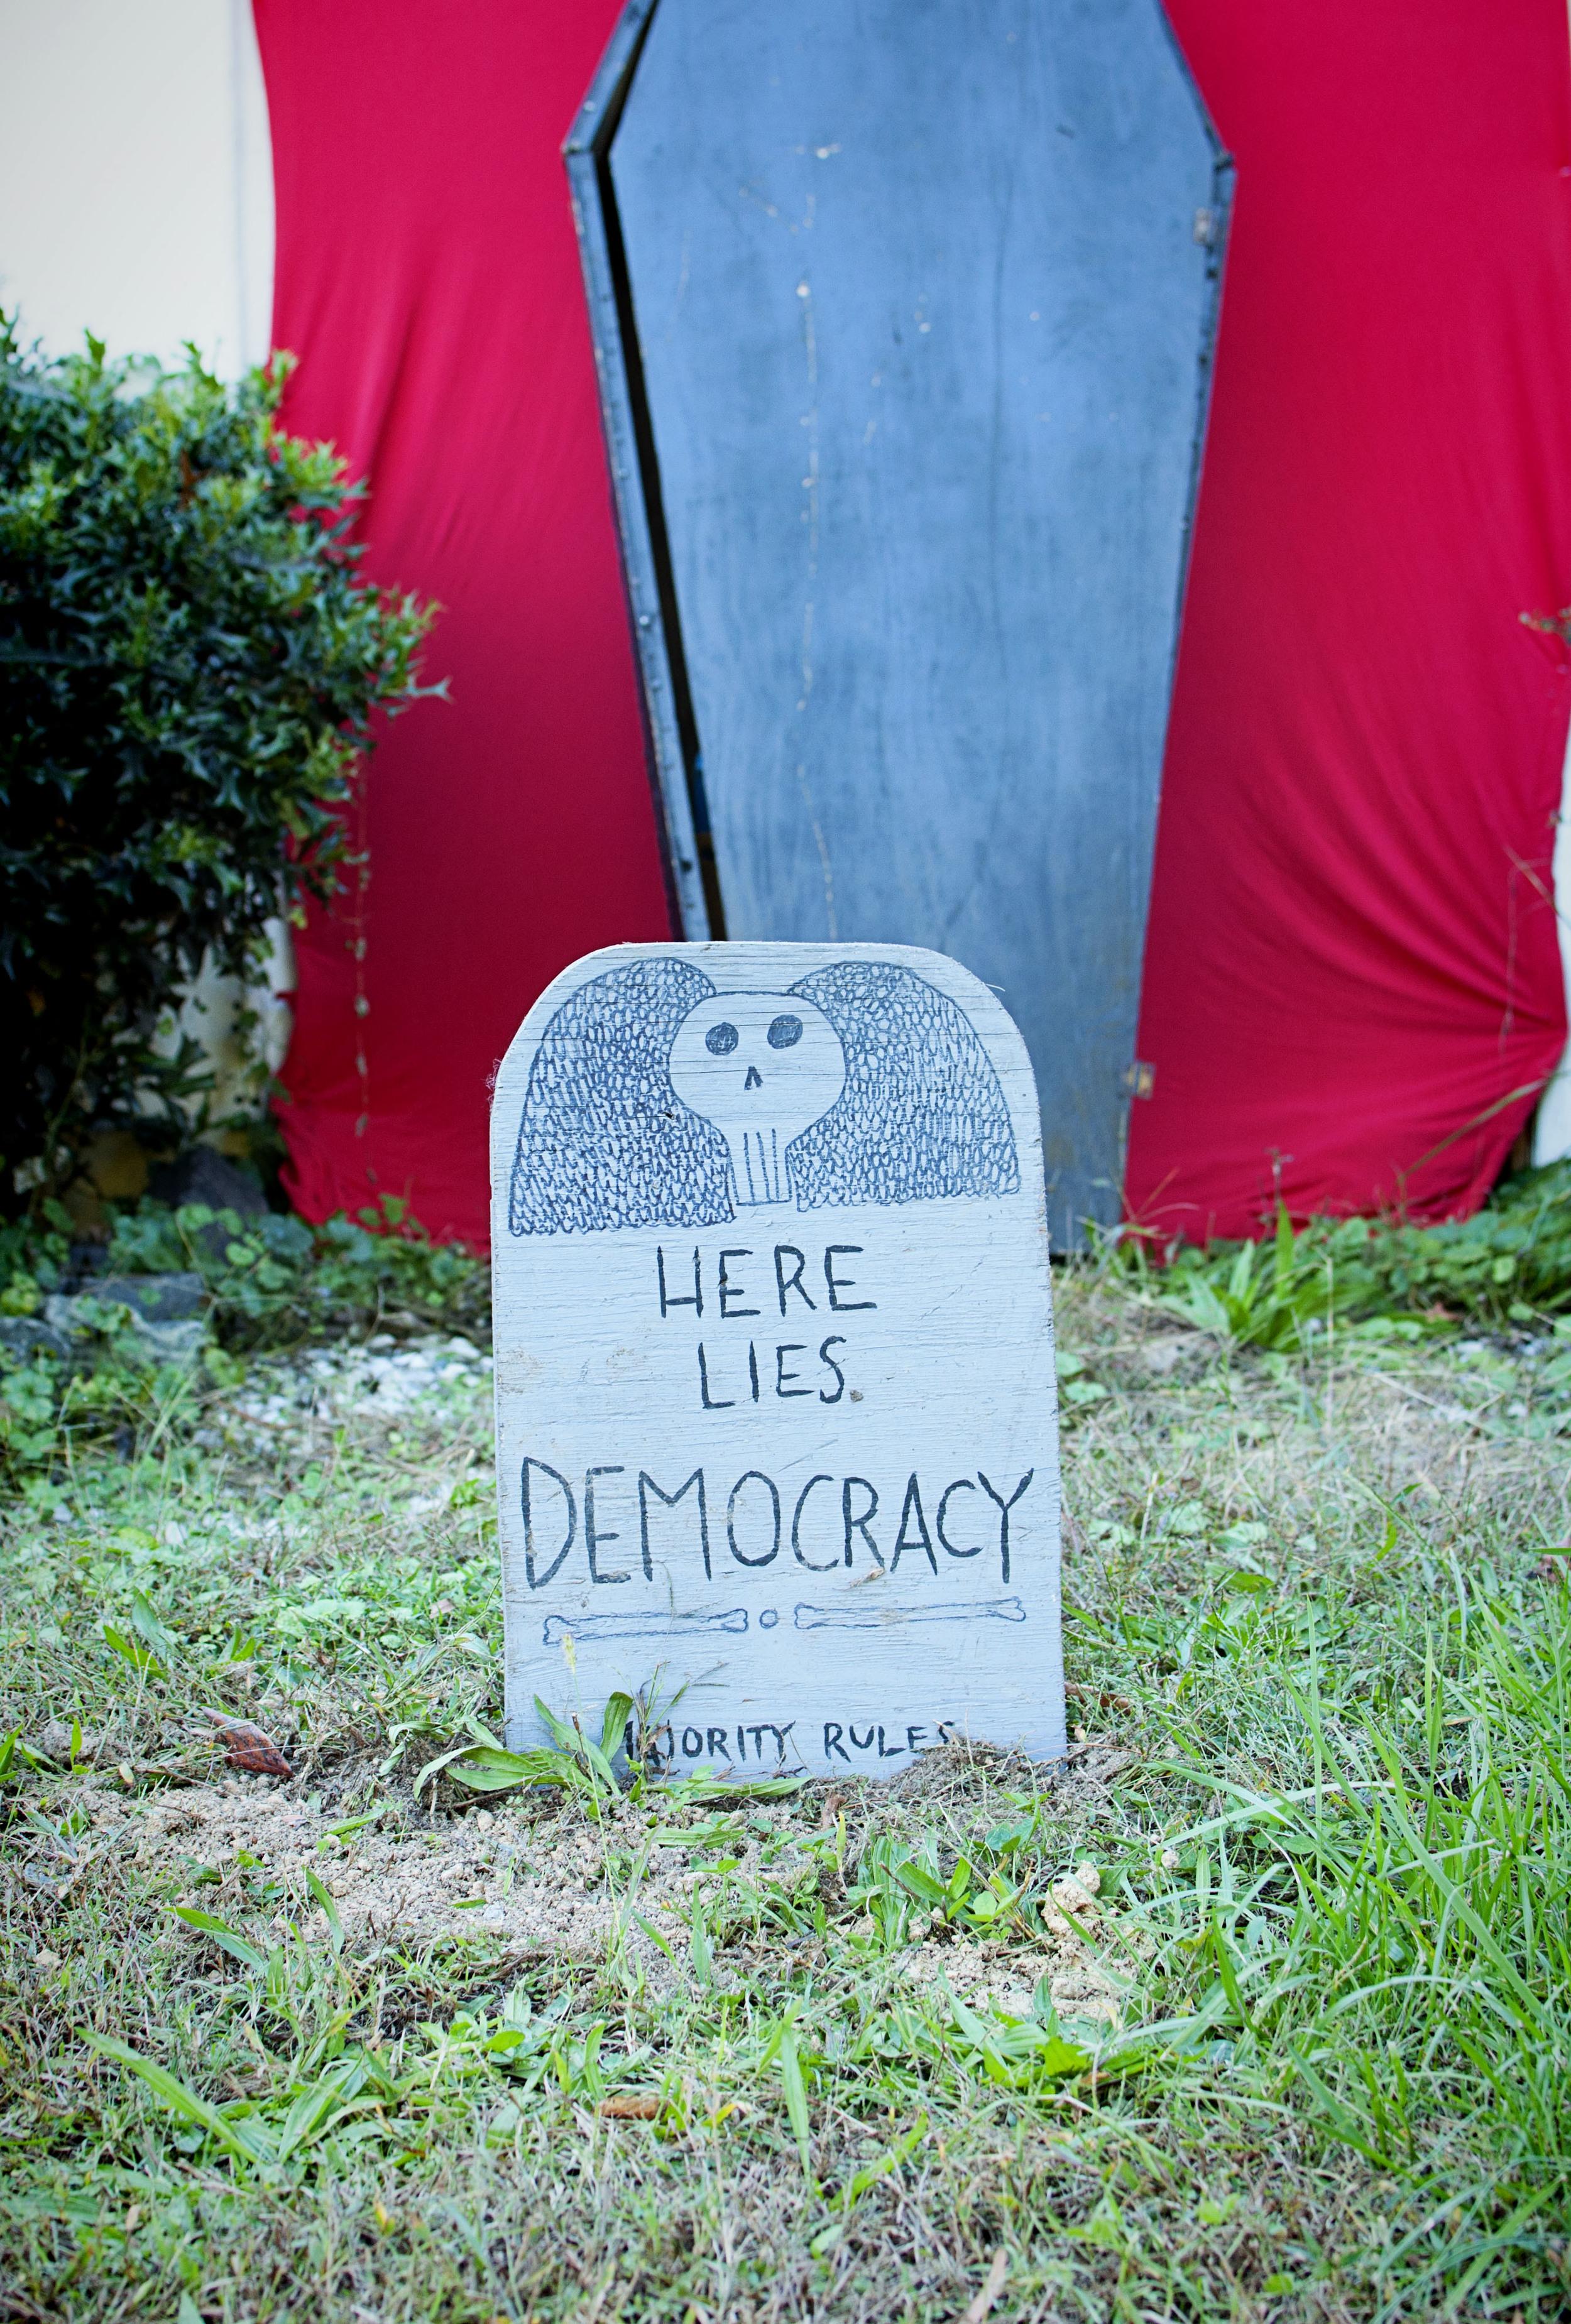 Carrboro - Halloween - Democracy